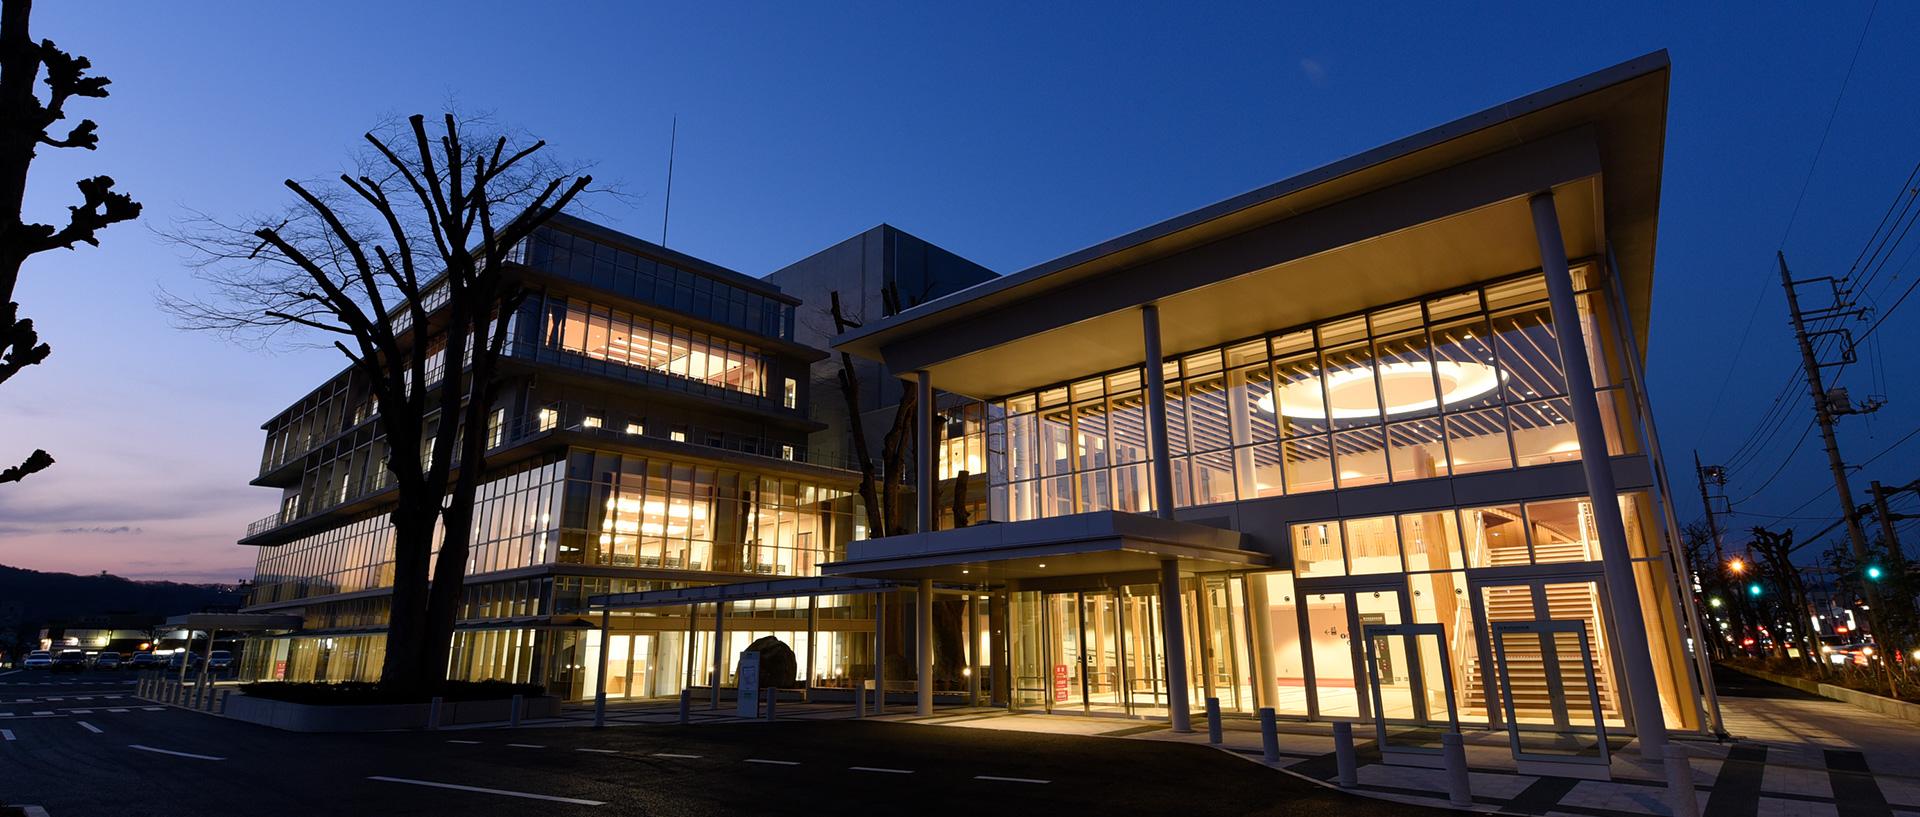 秩父宮記念市民会館 外観(夜景)